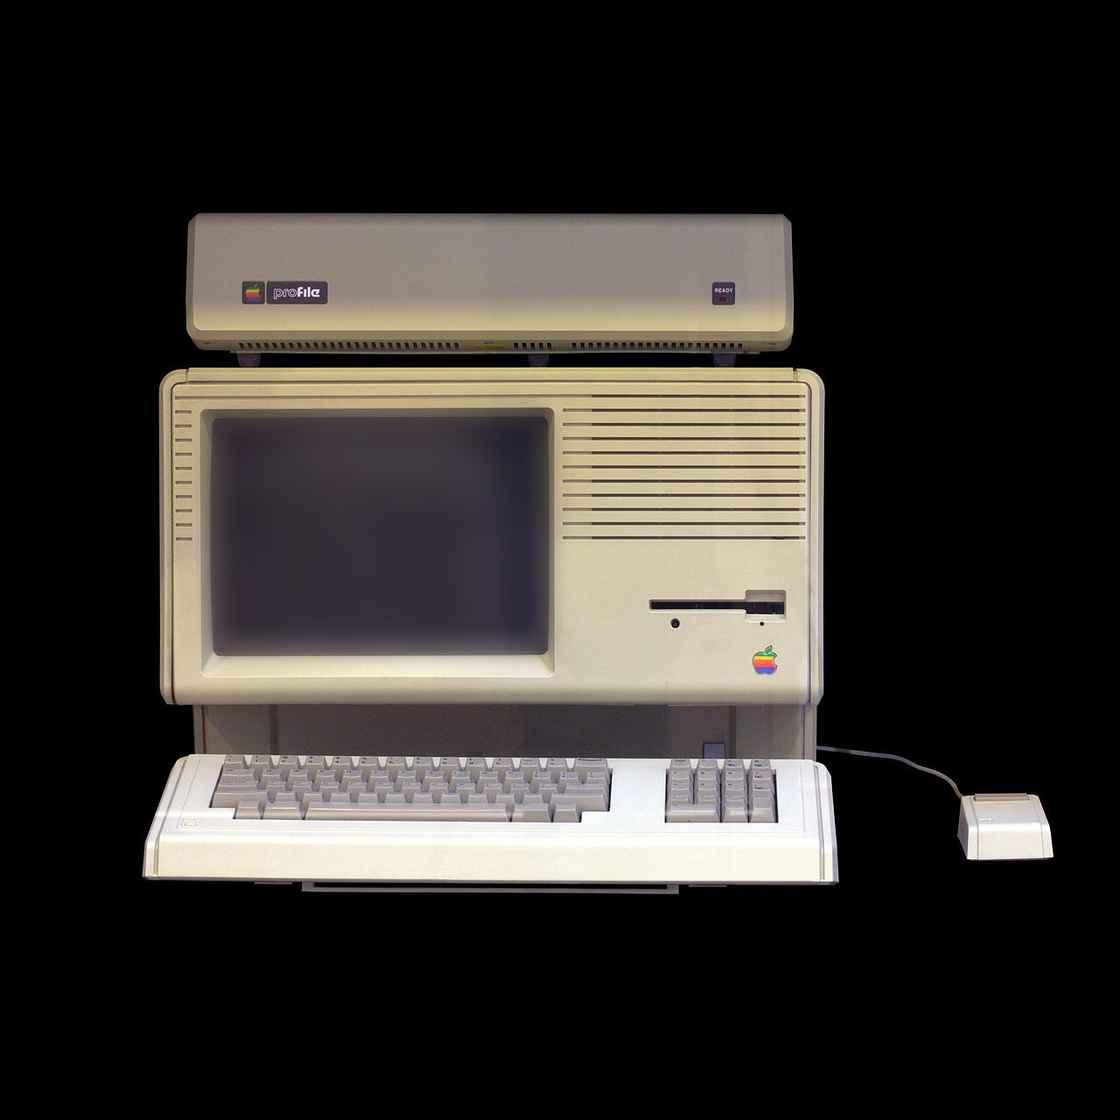 头顶 ProFile 扩展系统的 Lisa 2 主打扩展性(配置小幅升级),理念十分超前但销量依旧惨淡